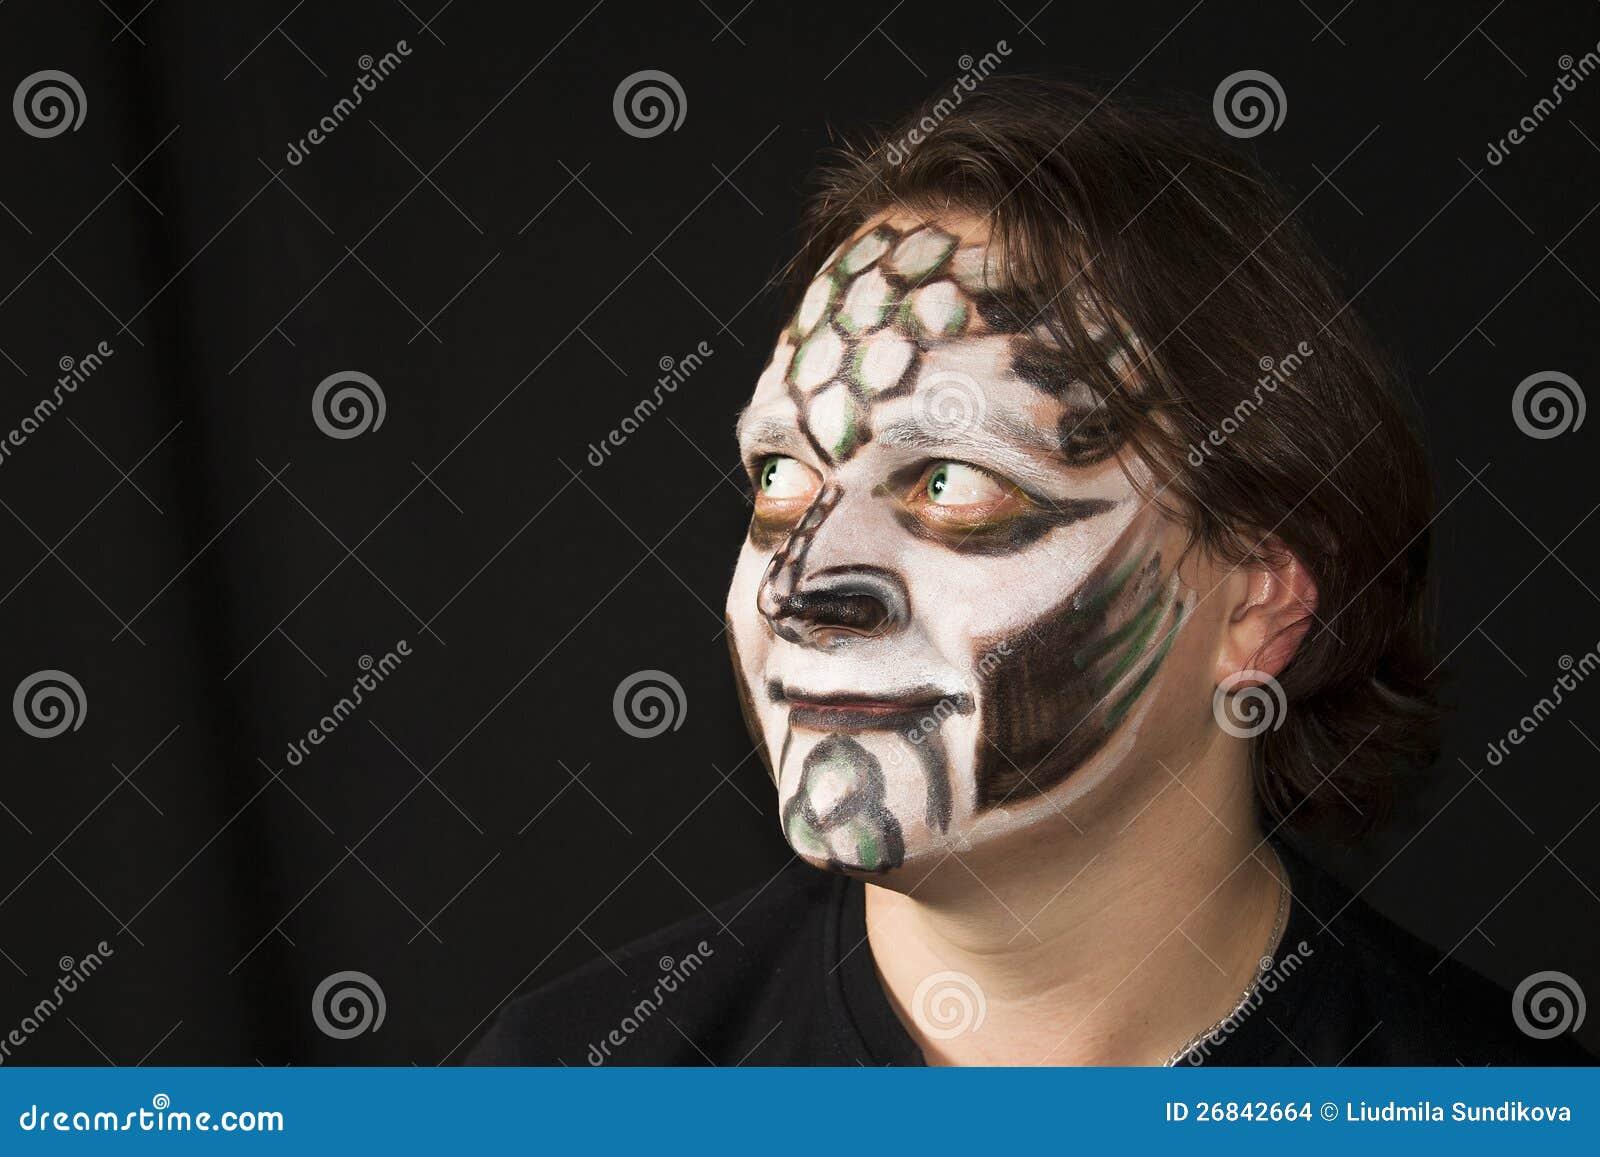 maquillage d 39 un dragon sur le visage d 39 un homme images stock image 26842664. Black Bedroom Furniture Sets. Home Design Ideas